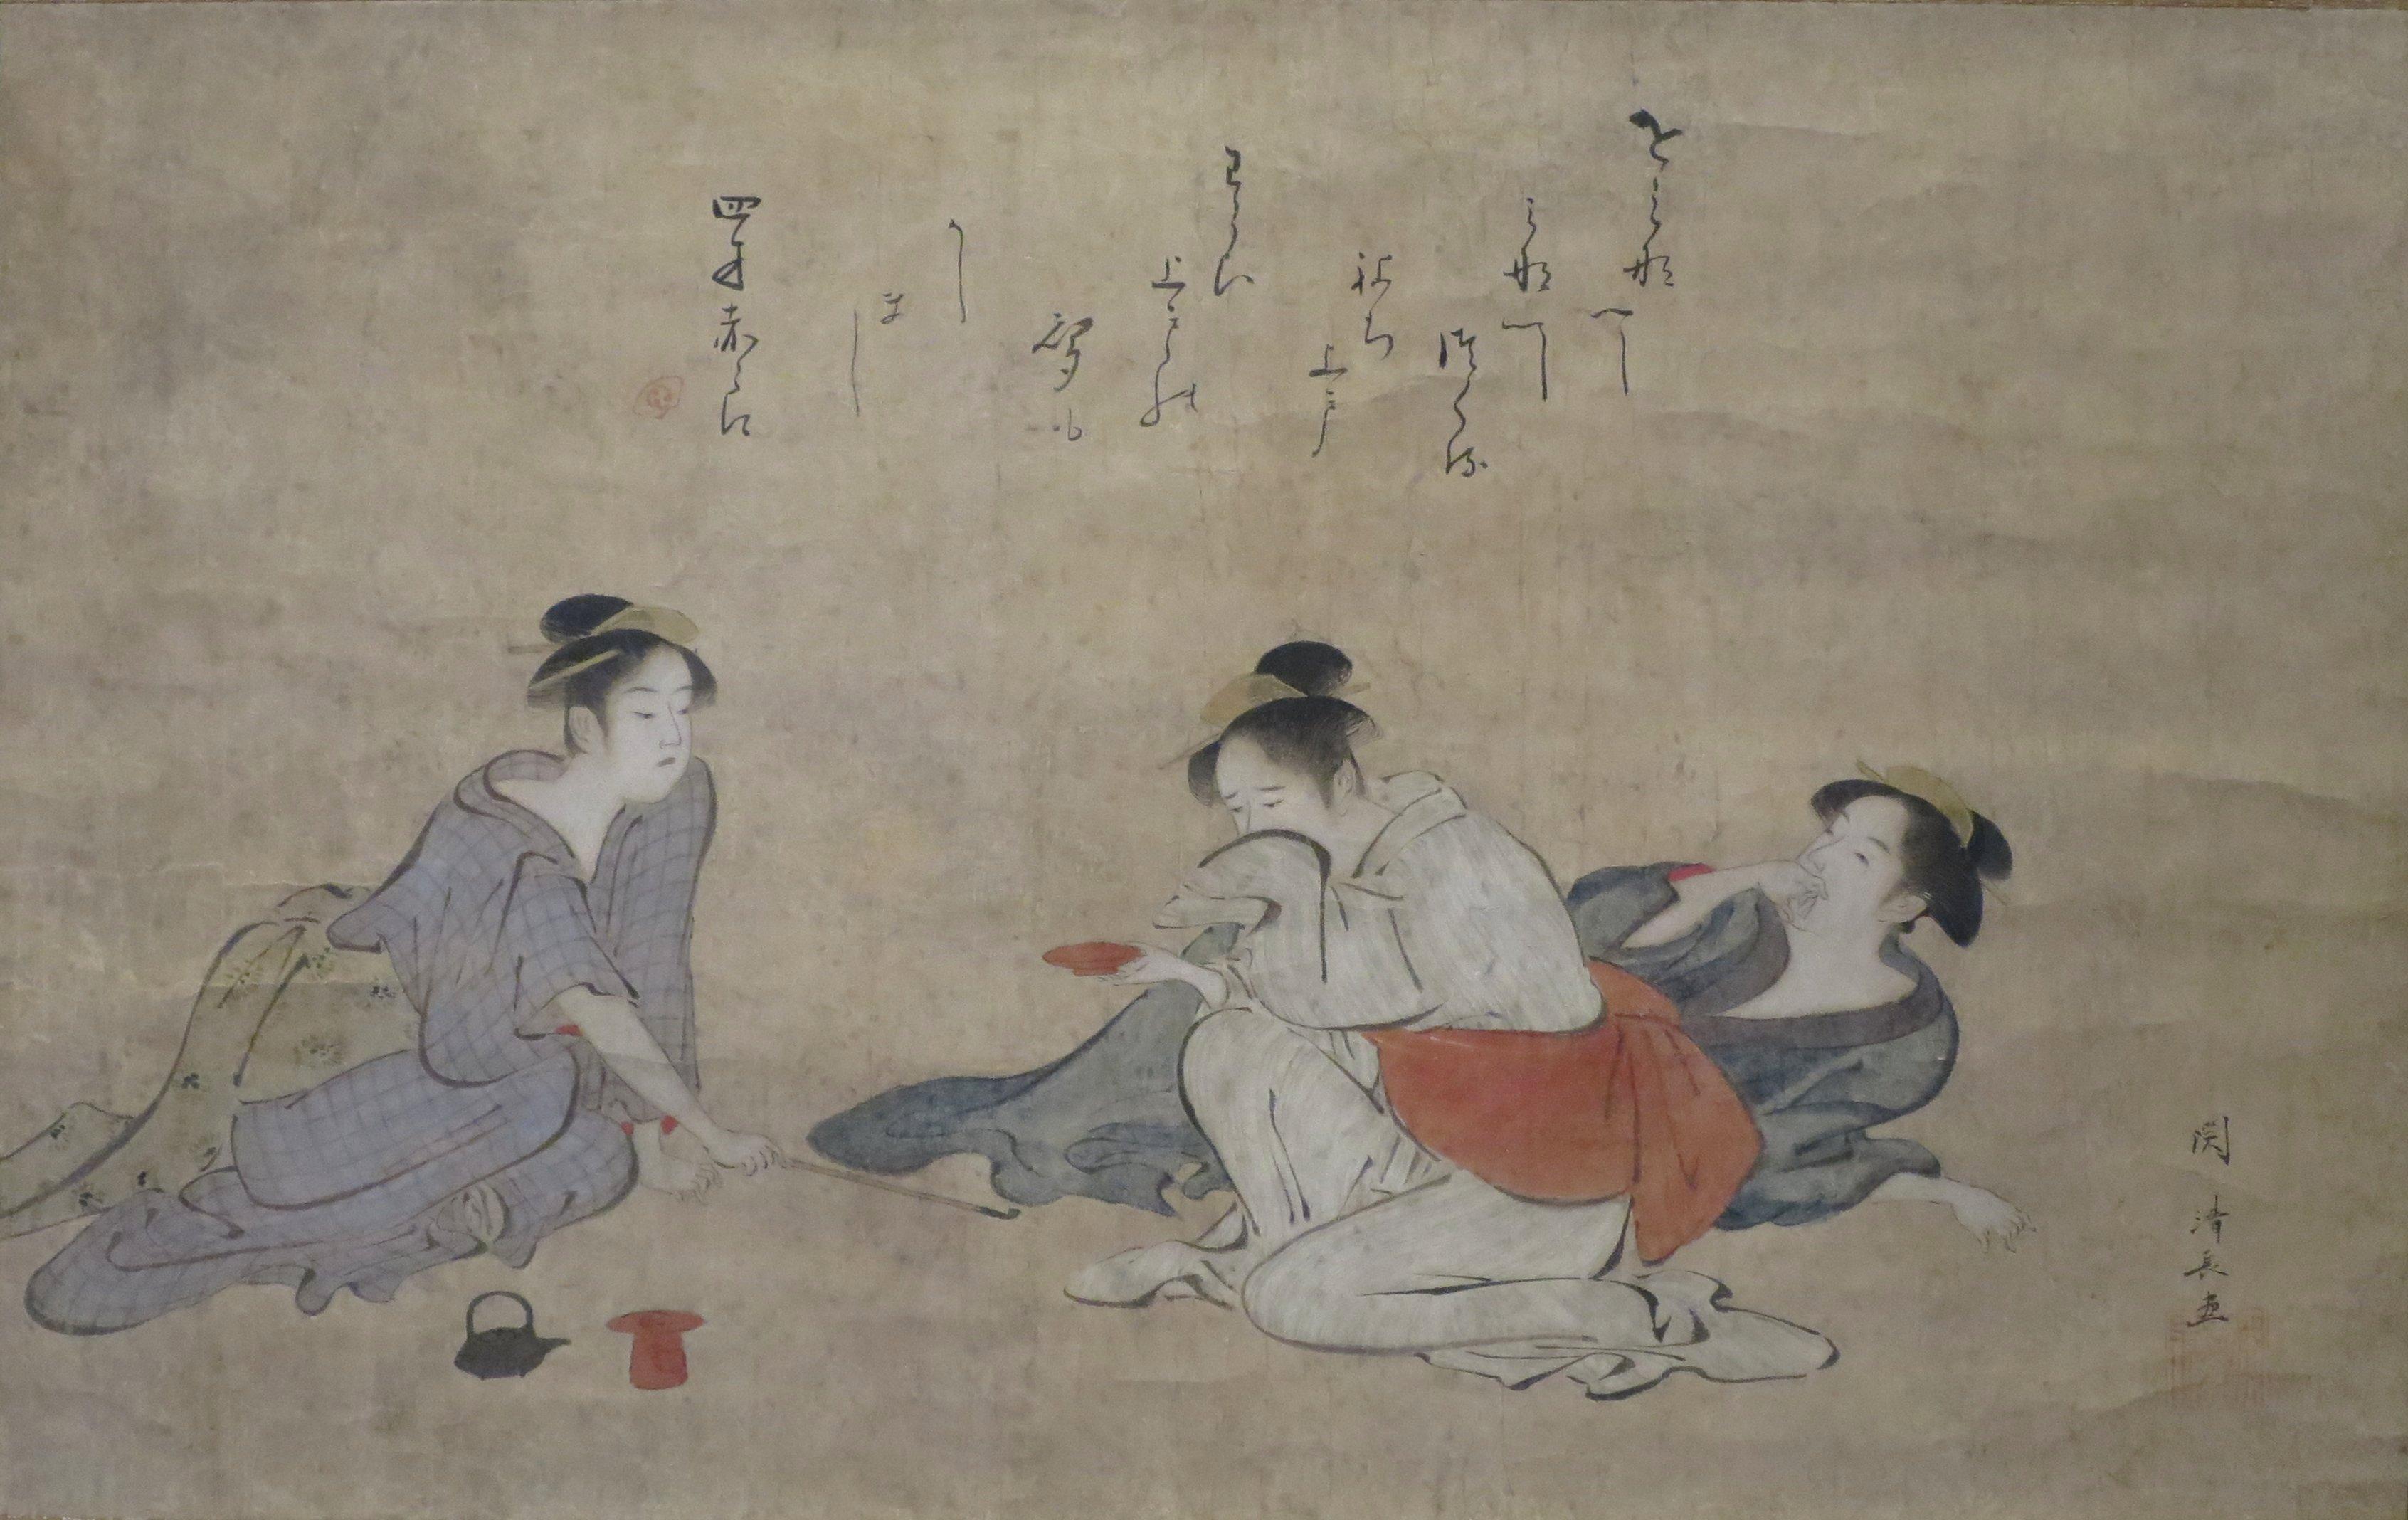 Three drunken women